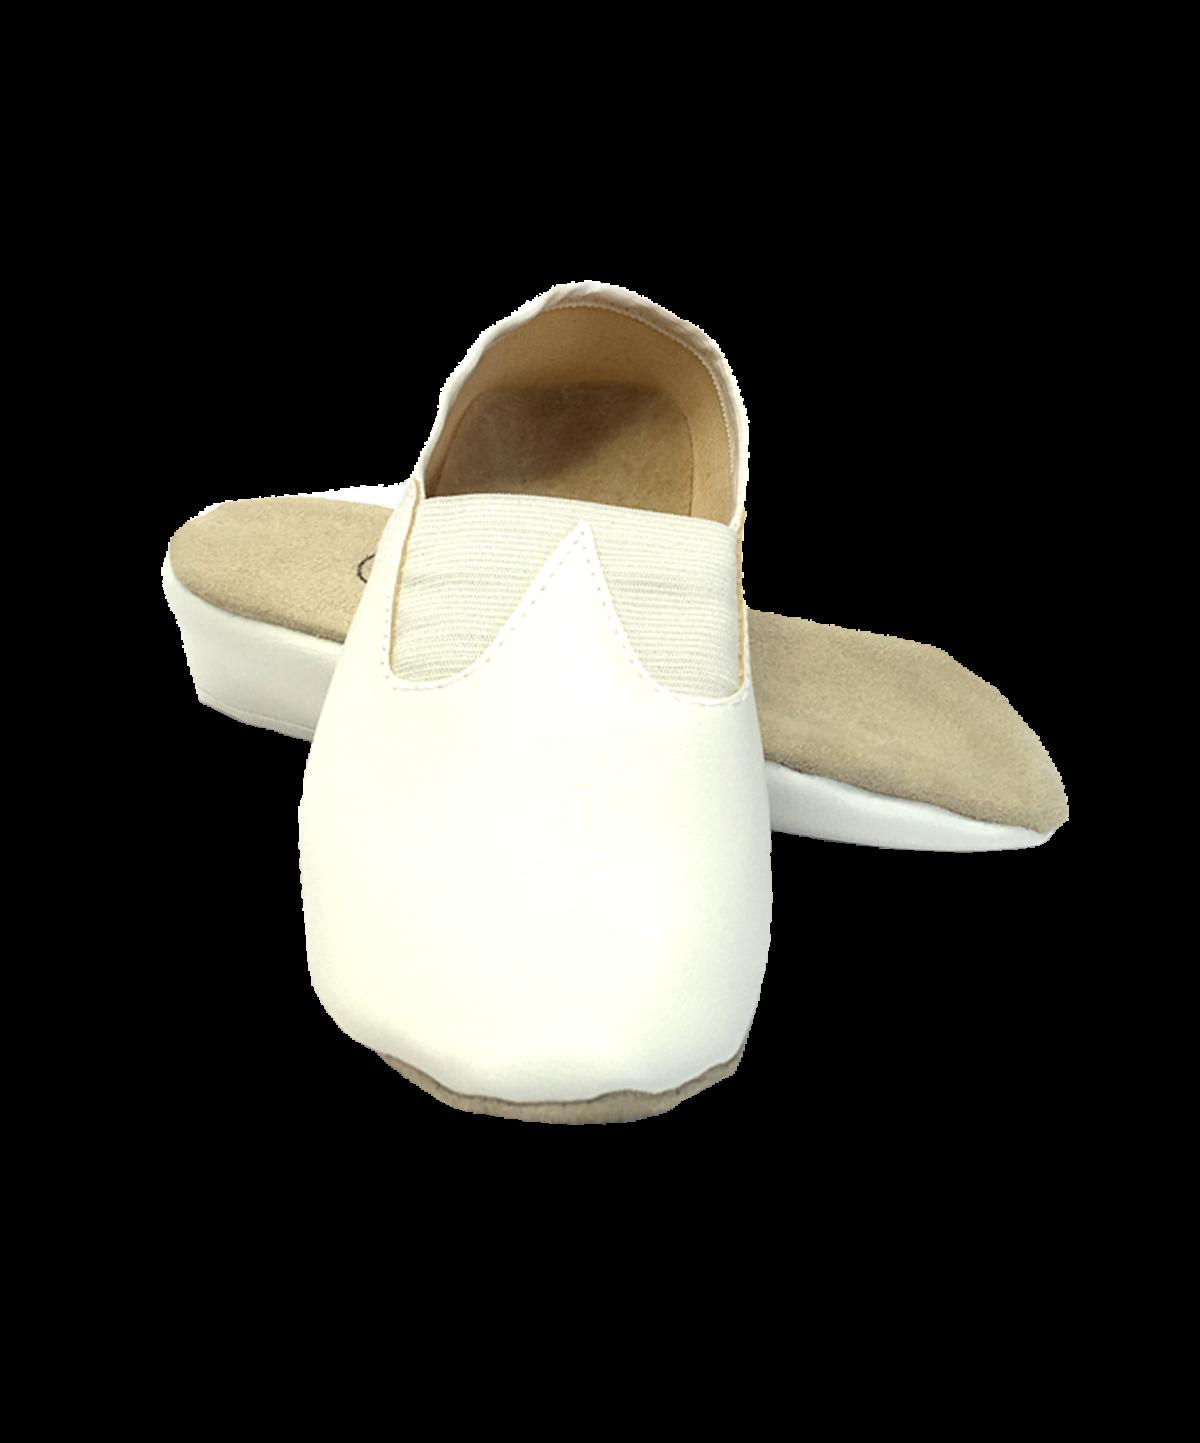 Чешки классические кожзам  3436: белый - 1